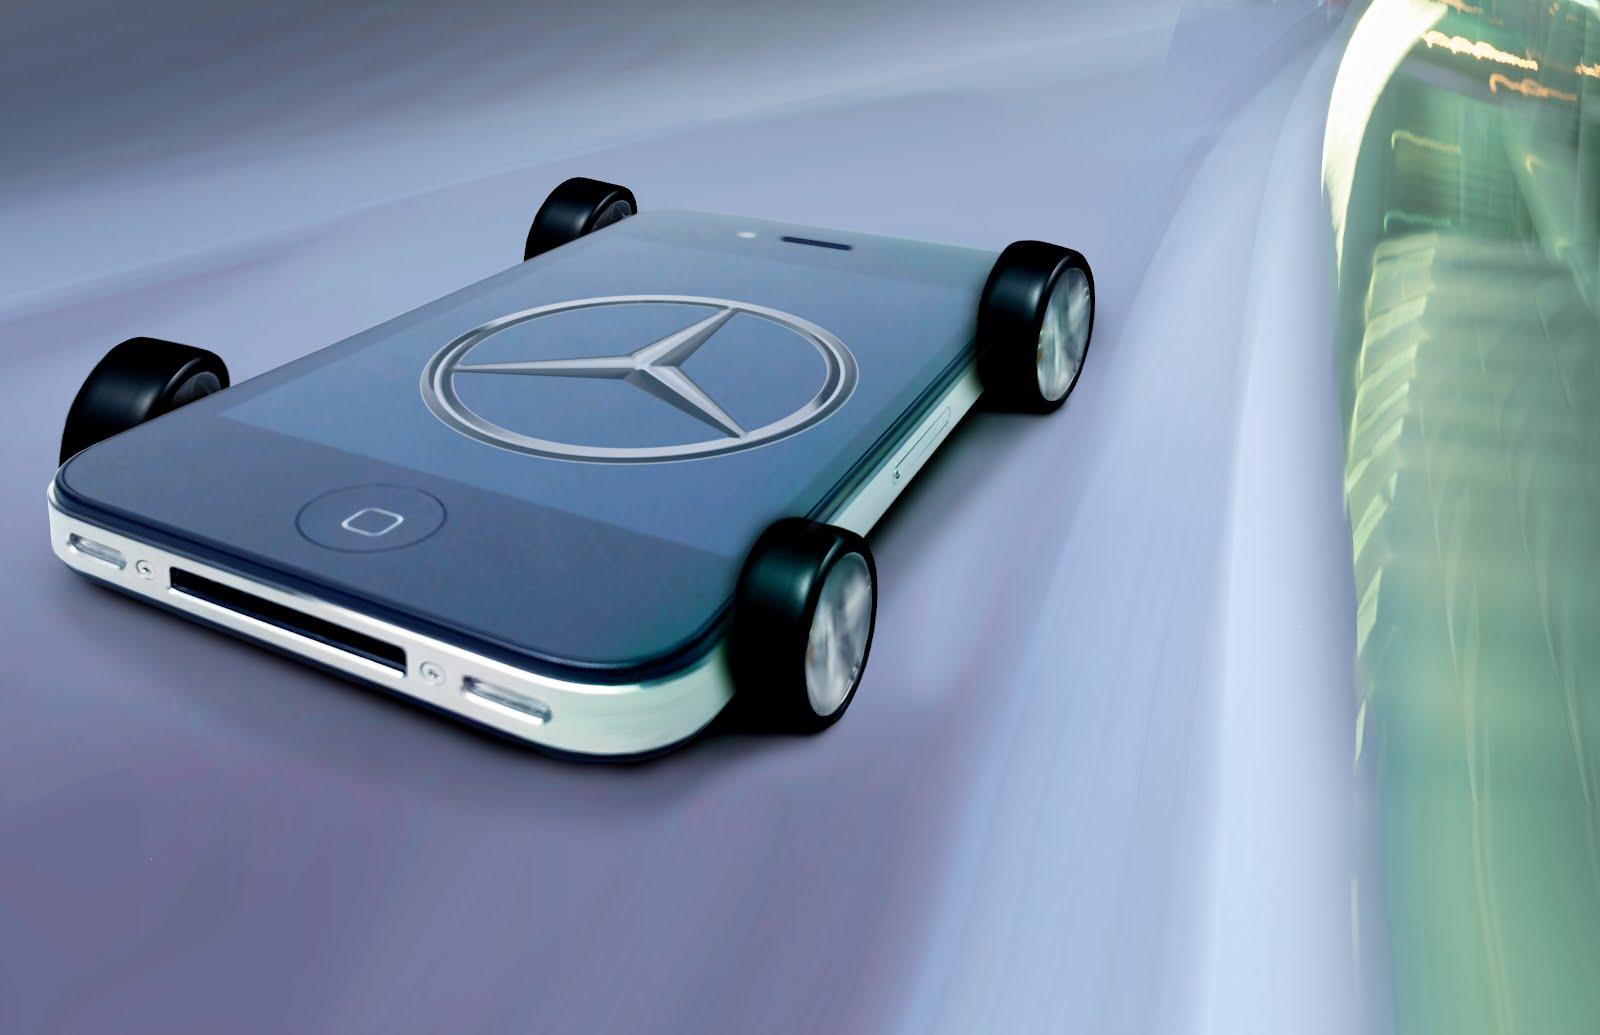 Voiture du futur mercedes veut faire de ses voitures des smartphones sur 4 roues - Comment sera le futur ...